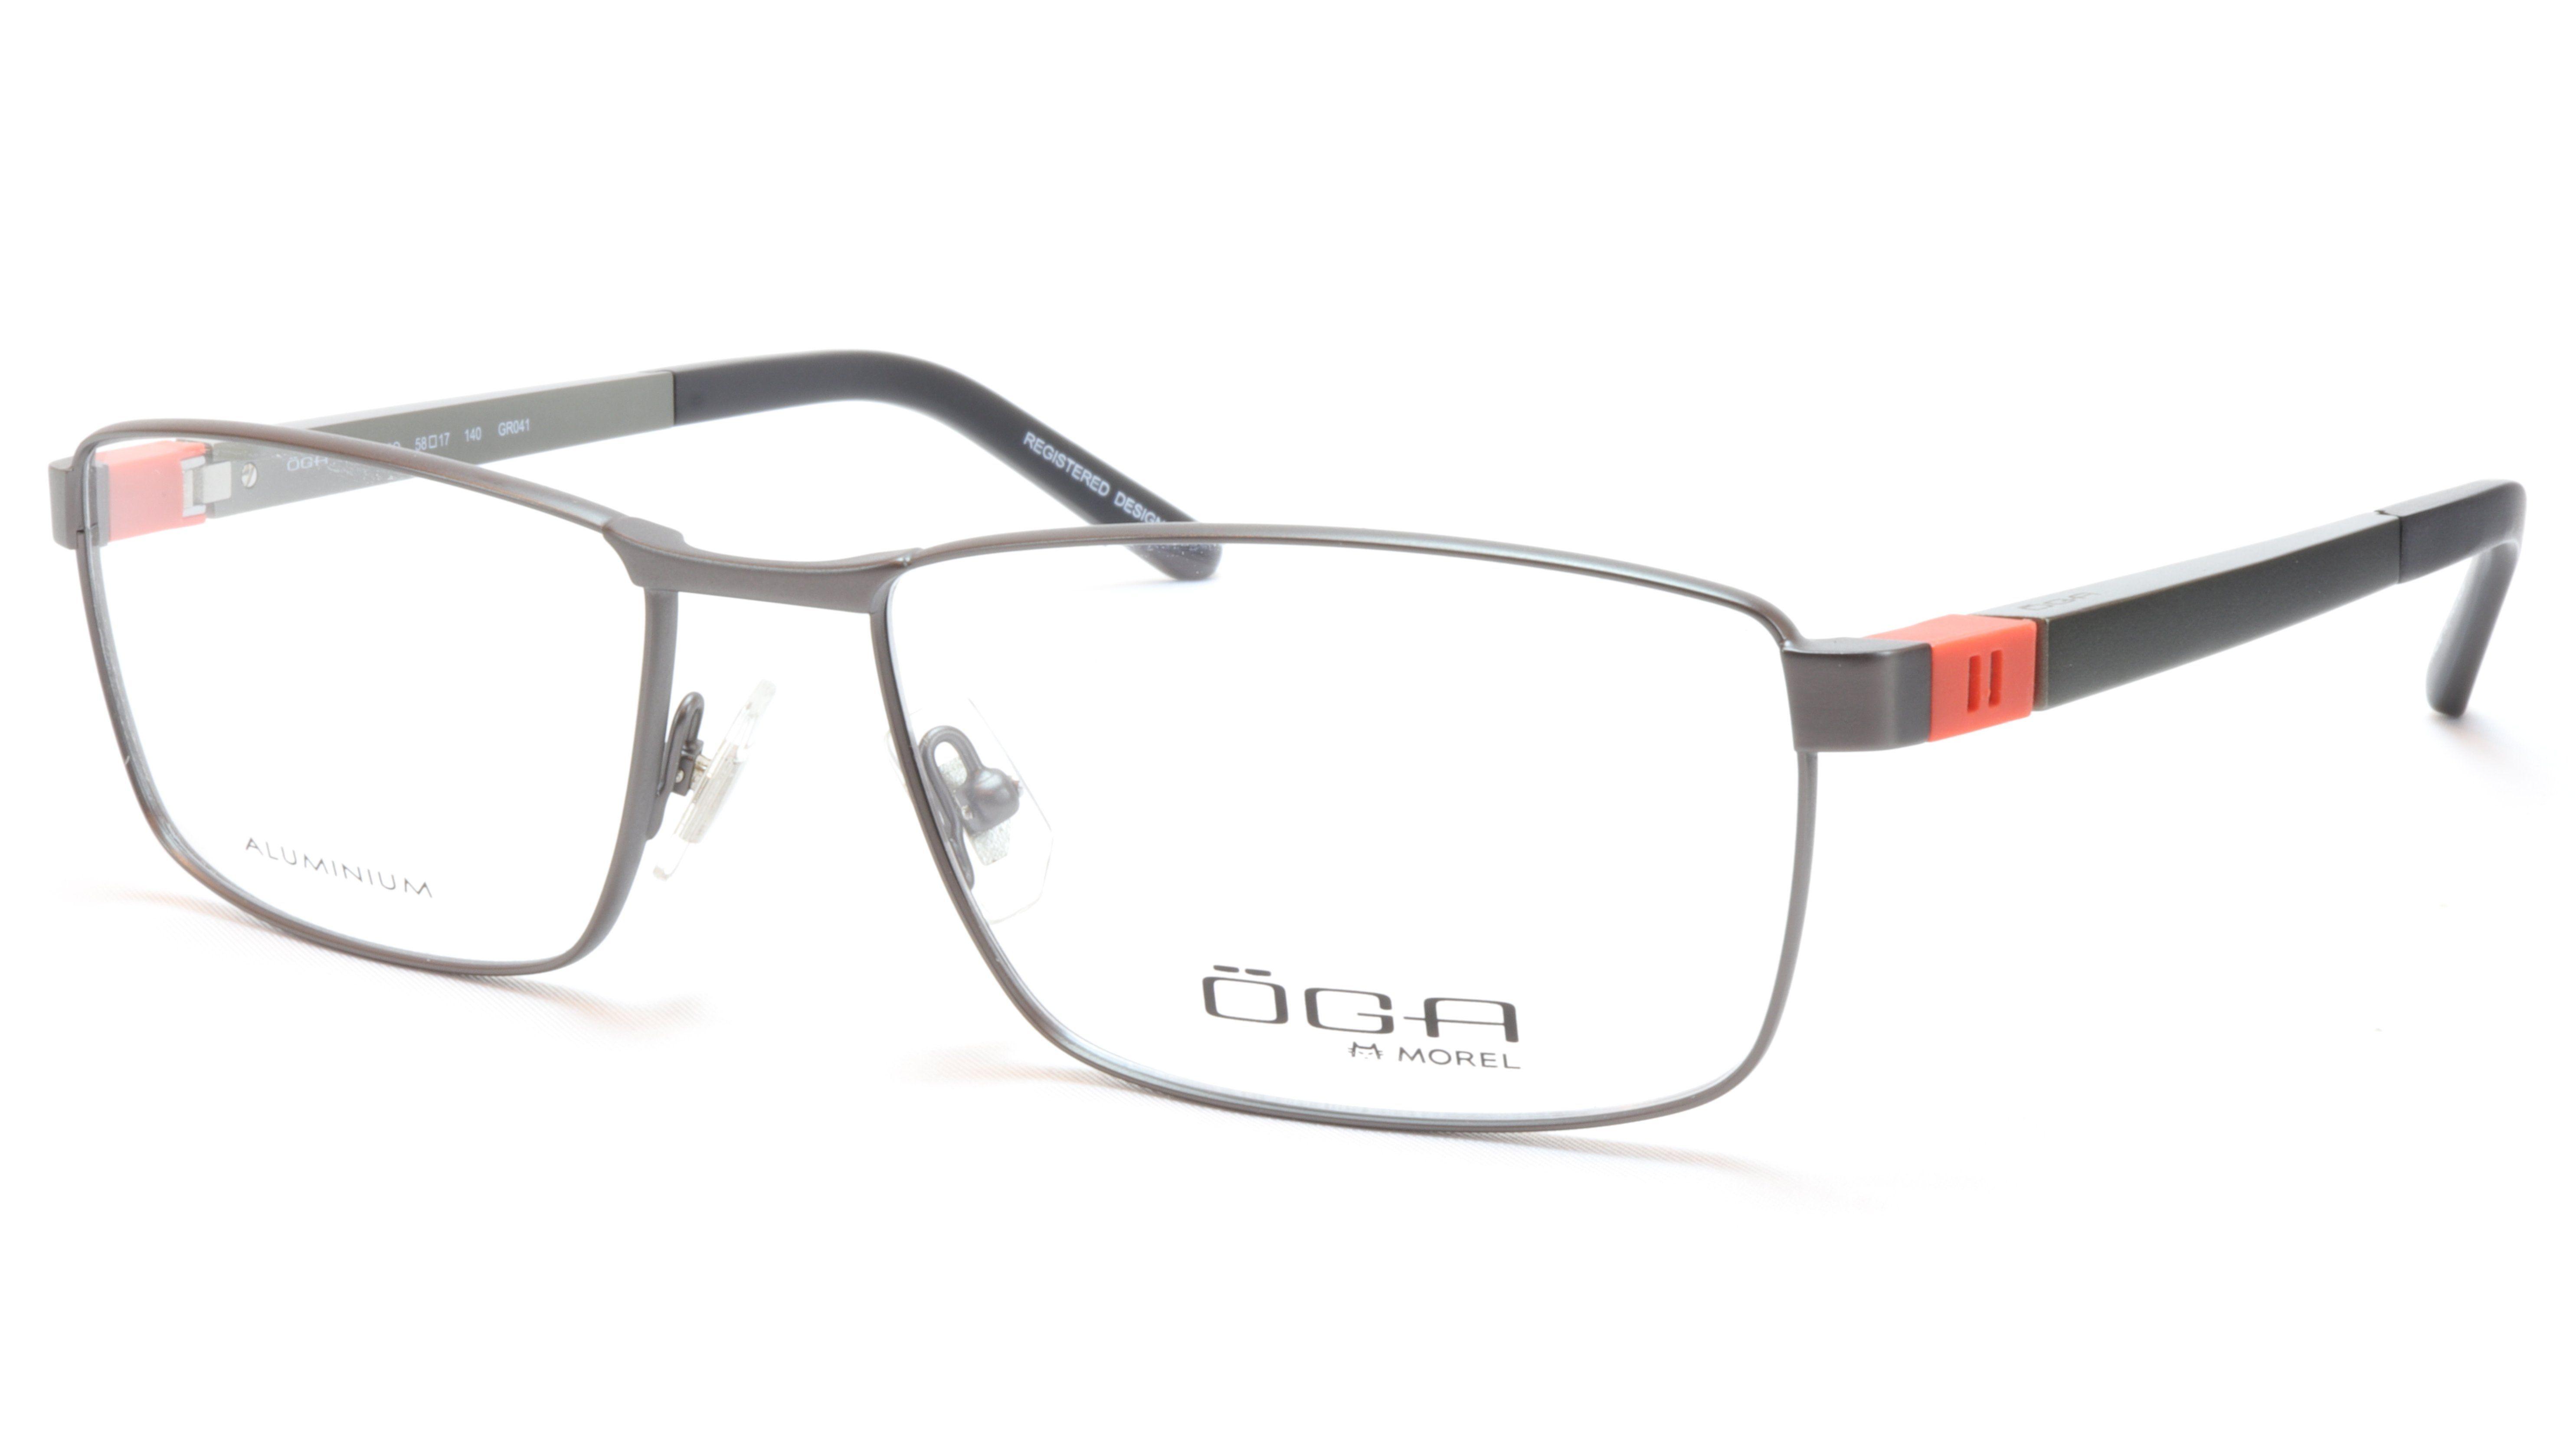 7848aec05169 OGA Morel Eyeglasses Frame 81730 GR041 Metal Acetate Black Silver Orange  France